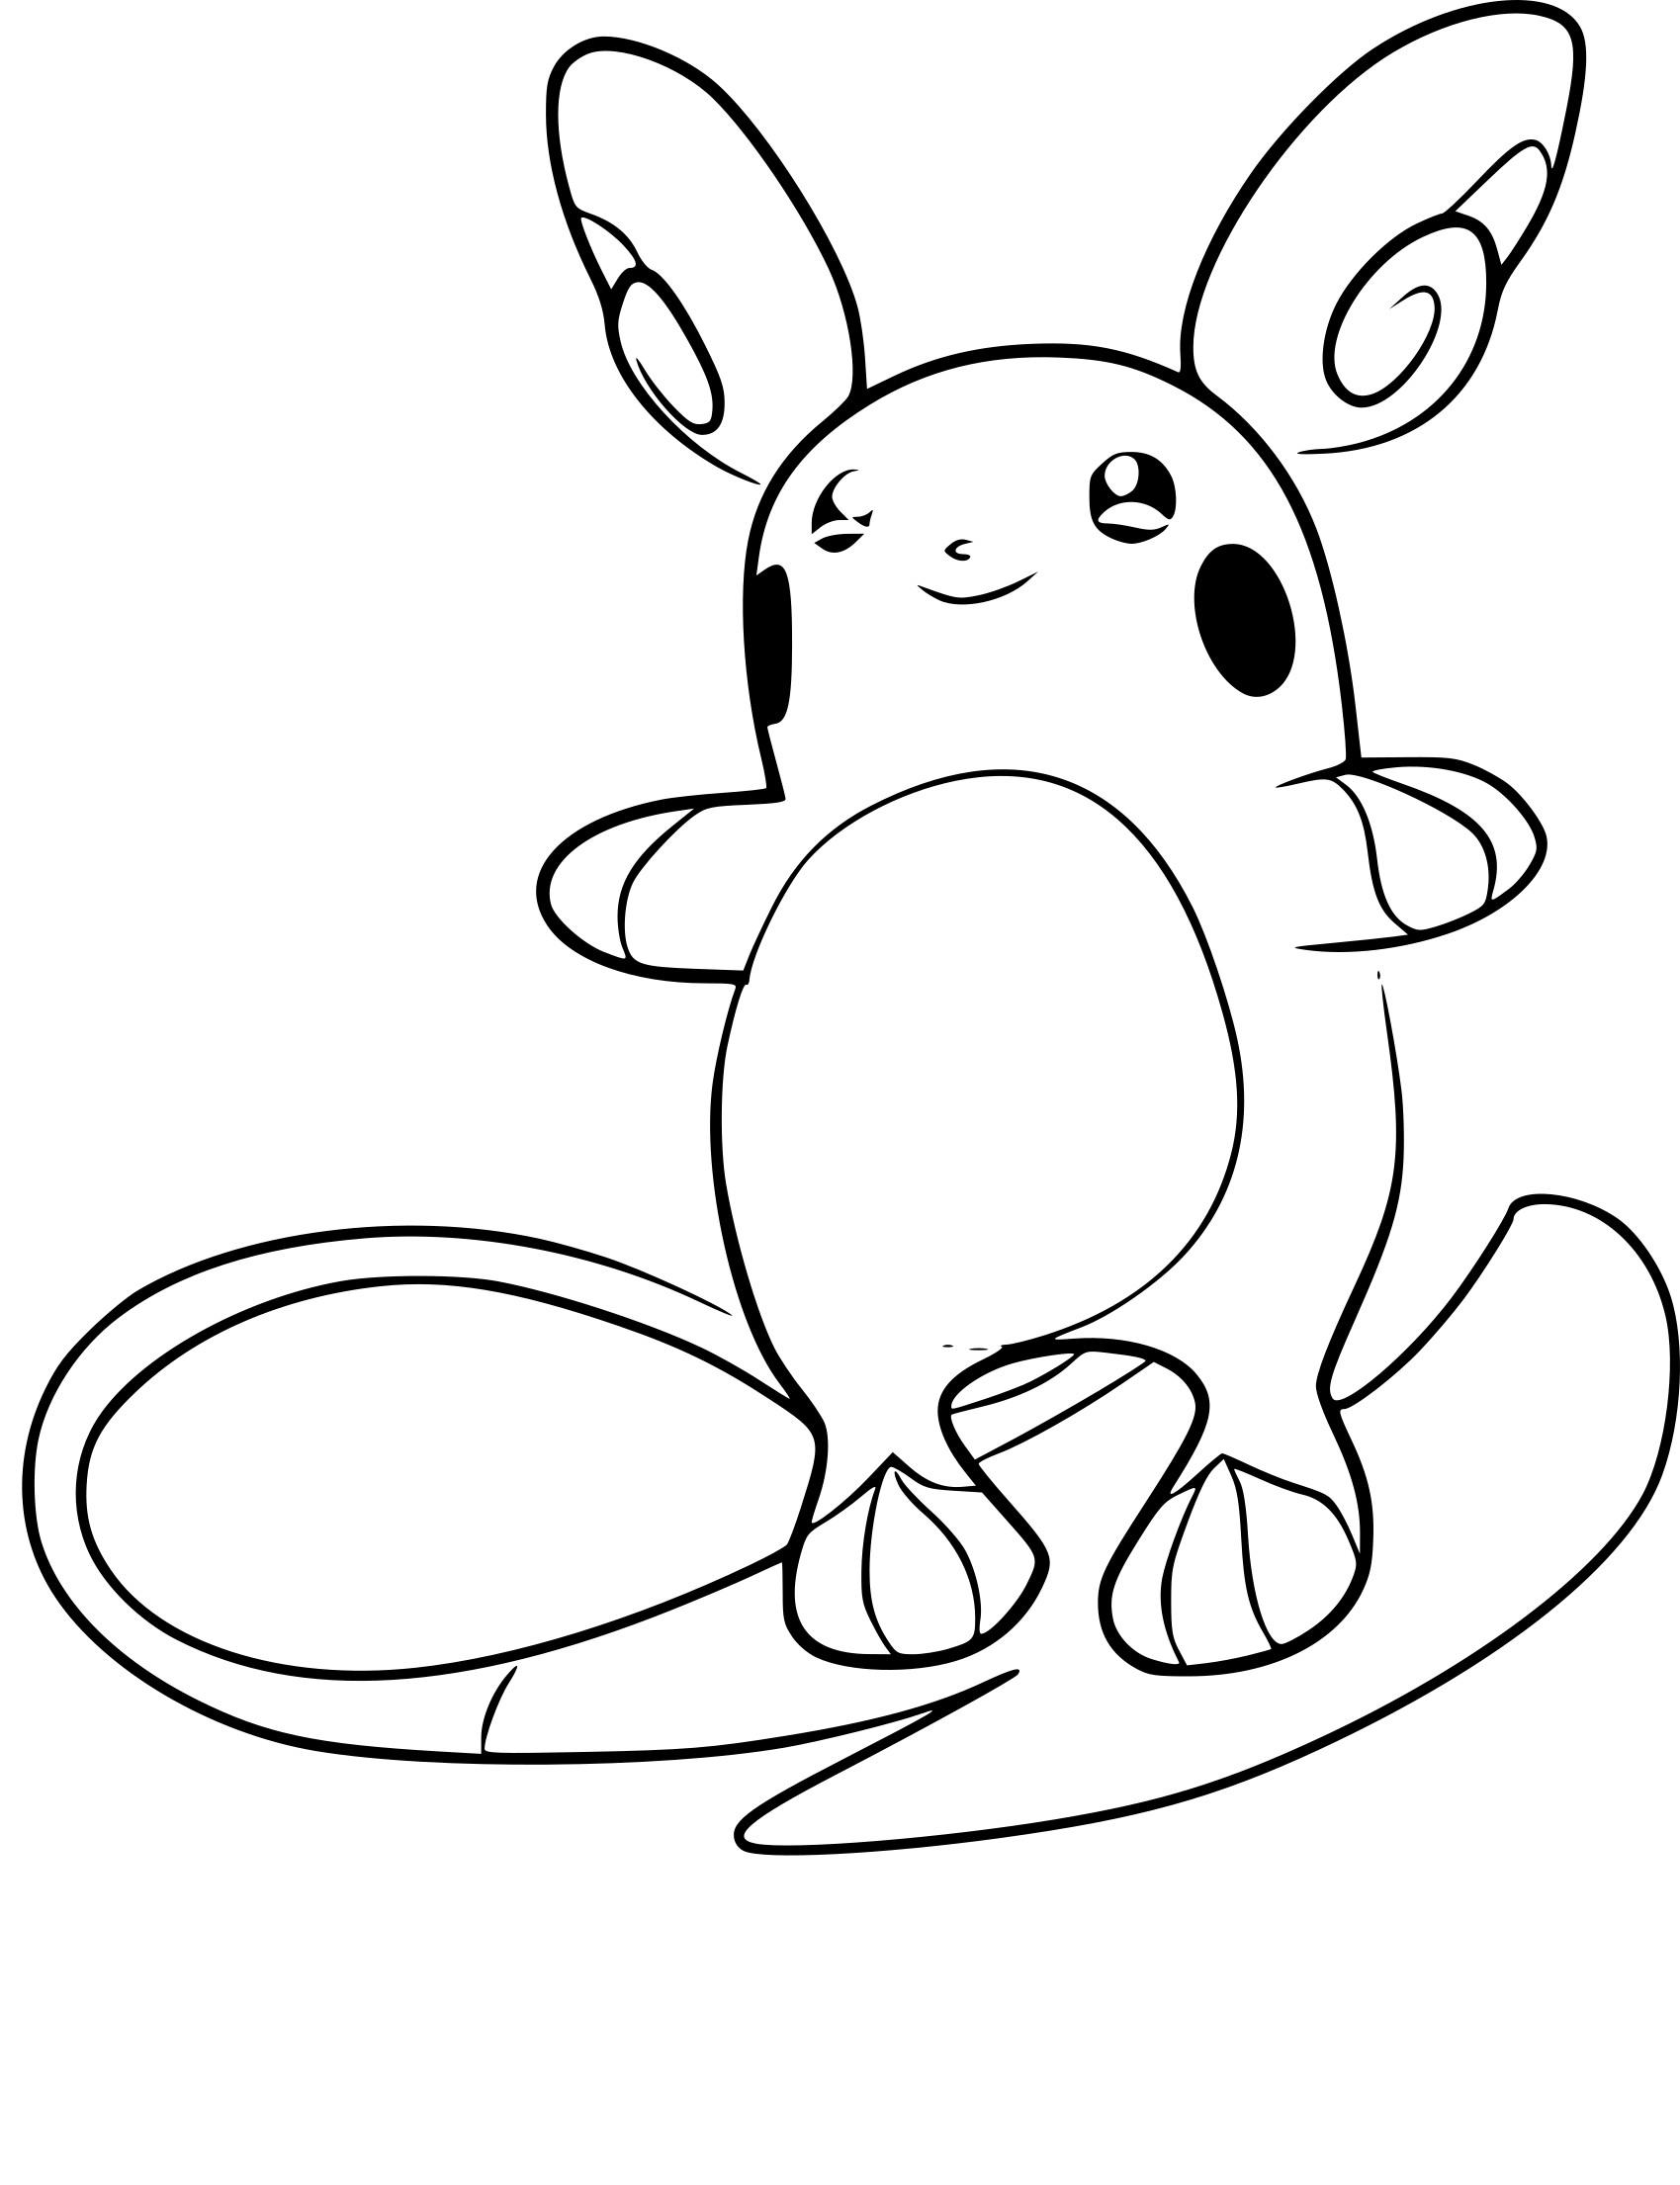 Meilleur De Dessin A Imprimer Pokemon Grenousse